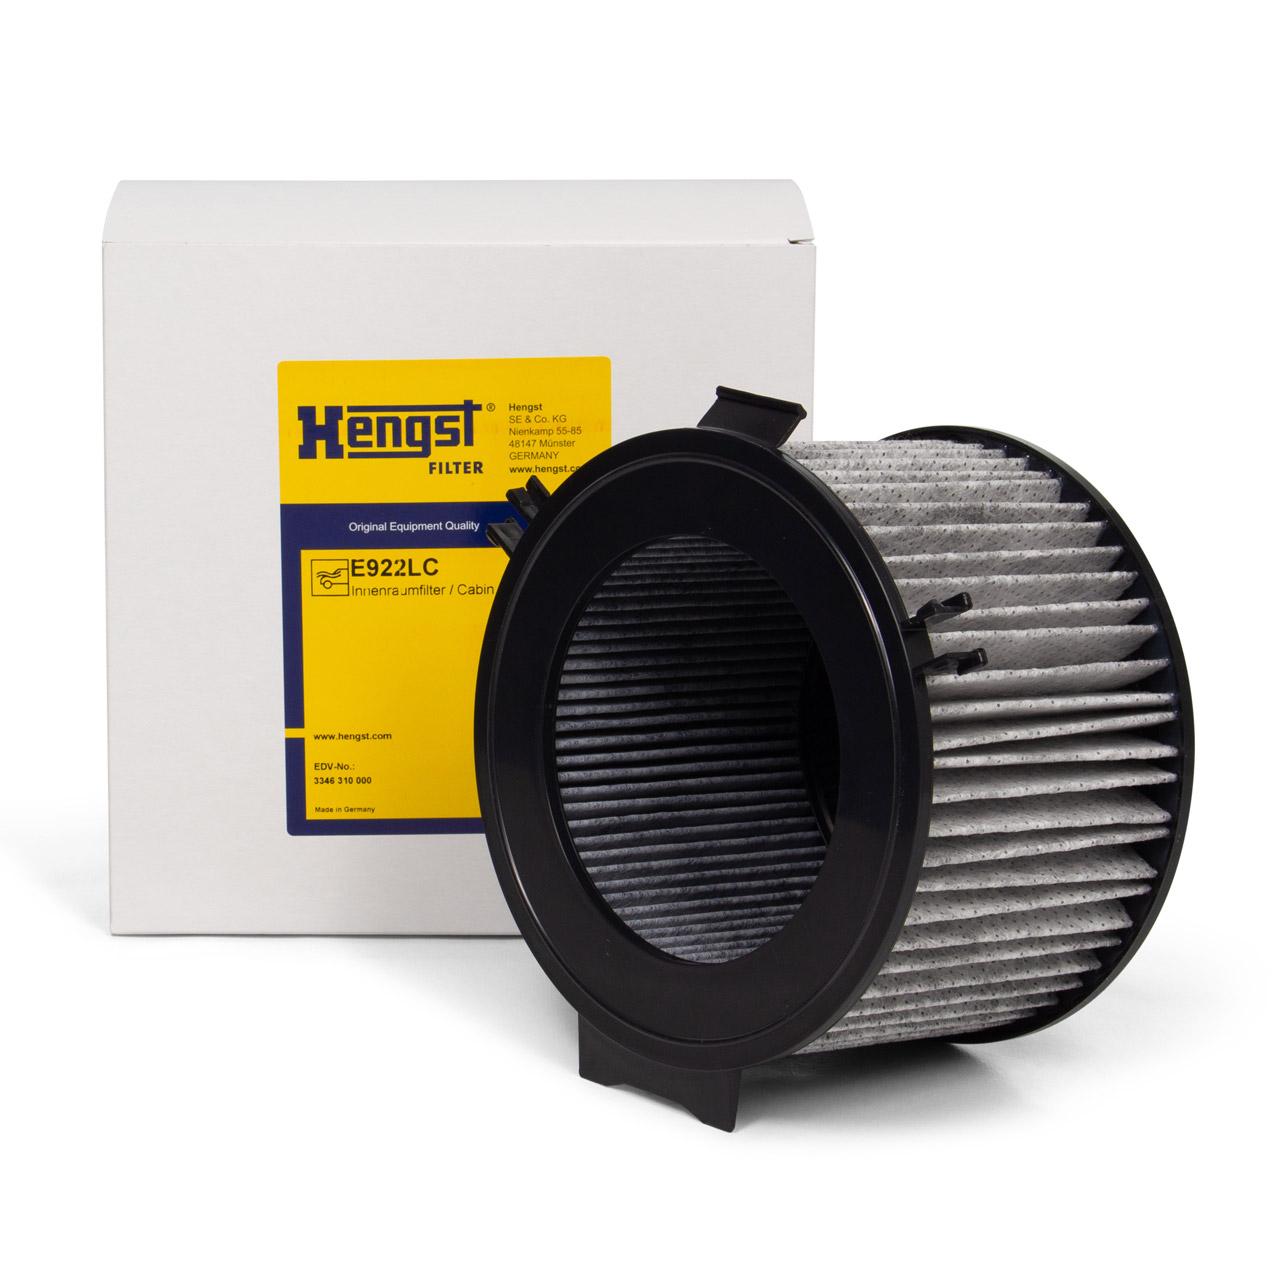 HENGST E922LC Innenraumfilter Aktivkohlefilter für VW TRANSPORTER T4